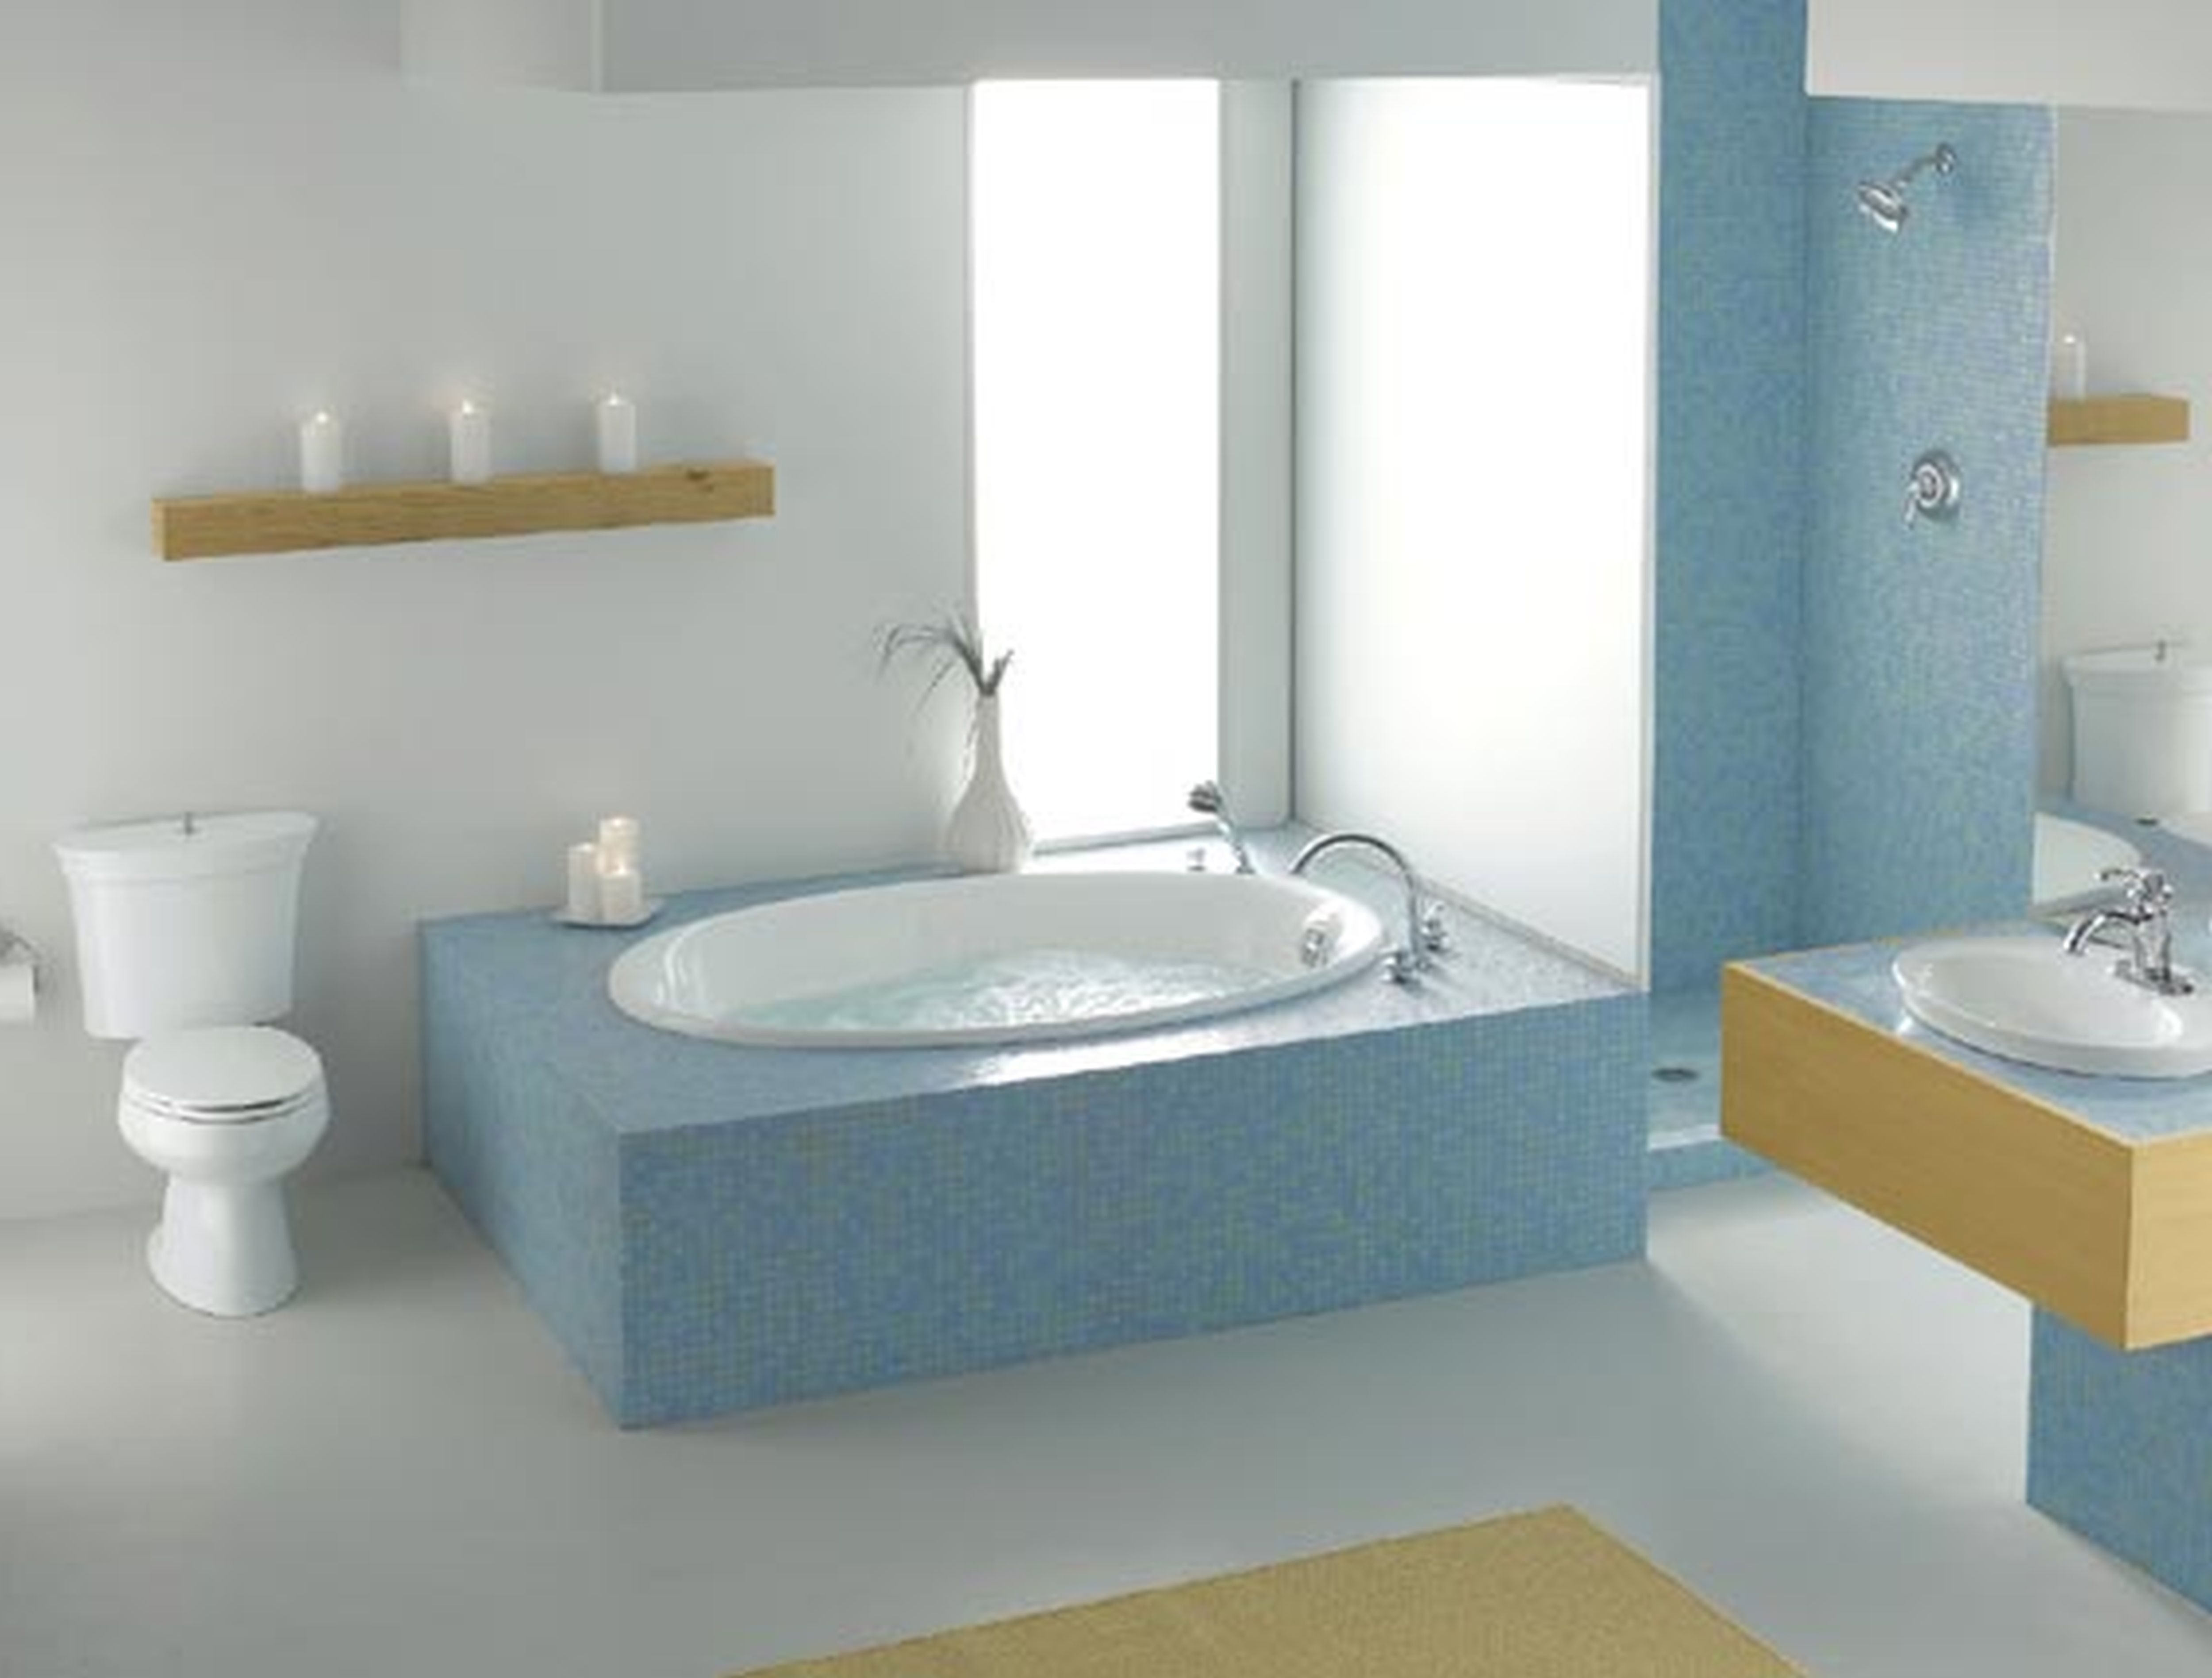 Design bilik air kecil terbaik dengan tema putih moden kontemporari dengan tub mandi